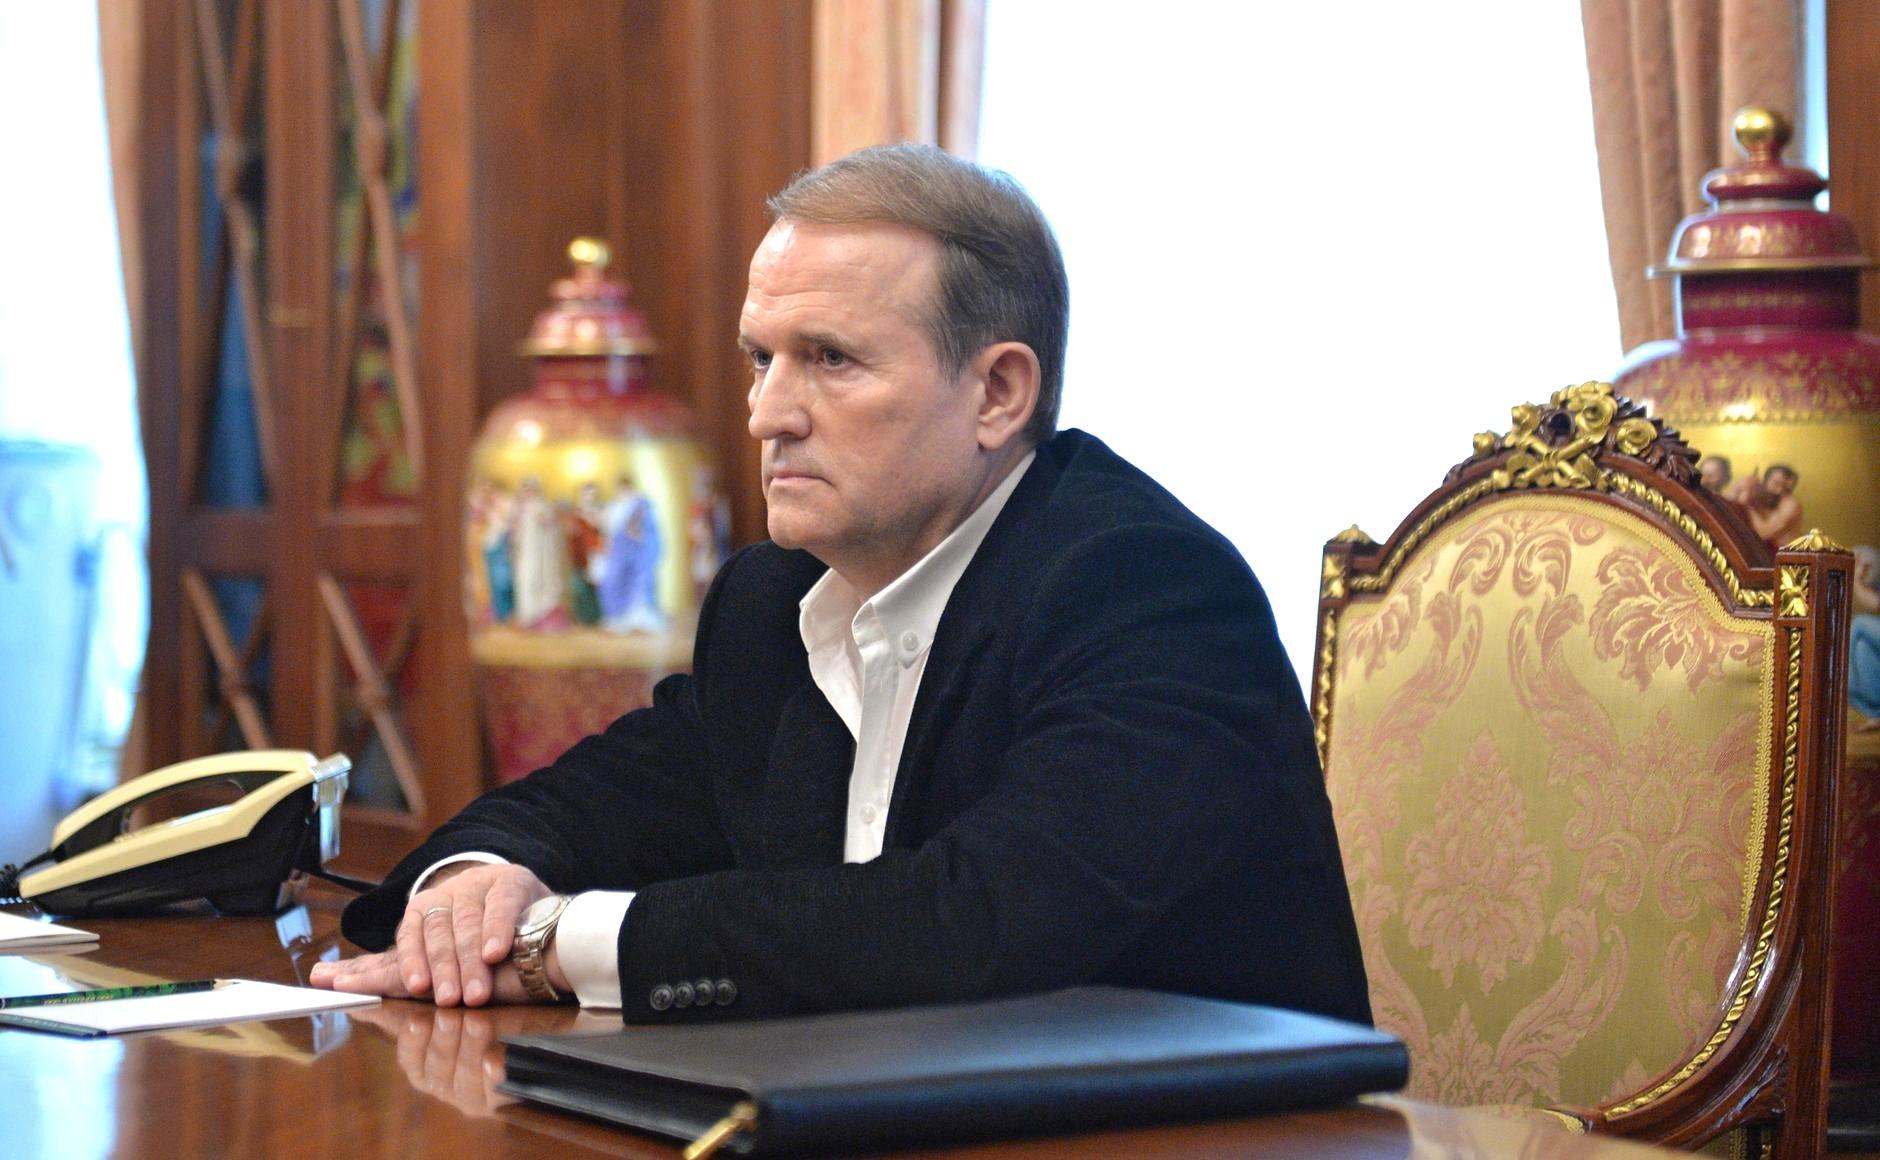 Первая политическая фигура, которую попытались привязать к «делу Рубана» — это Виктор Медведчук